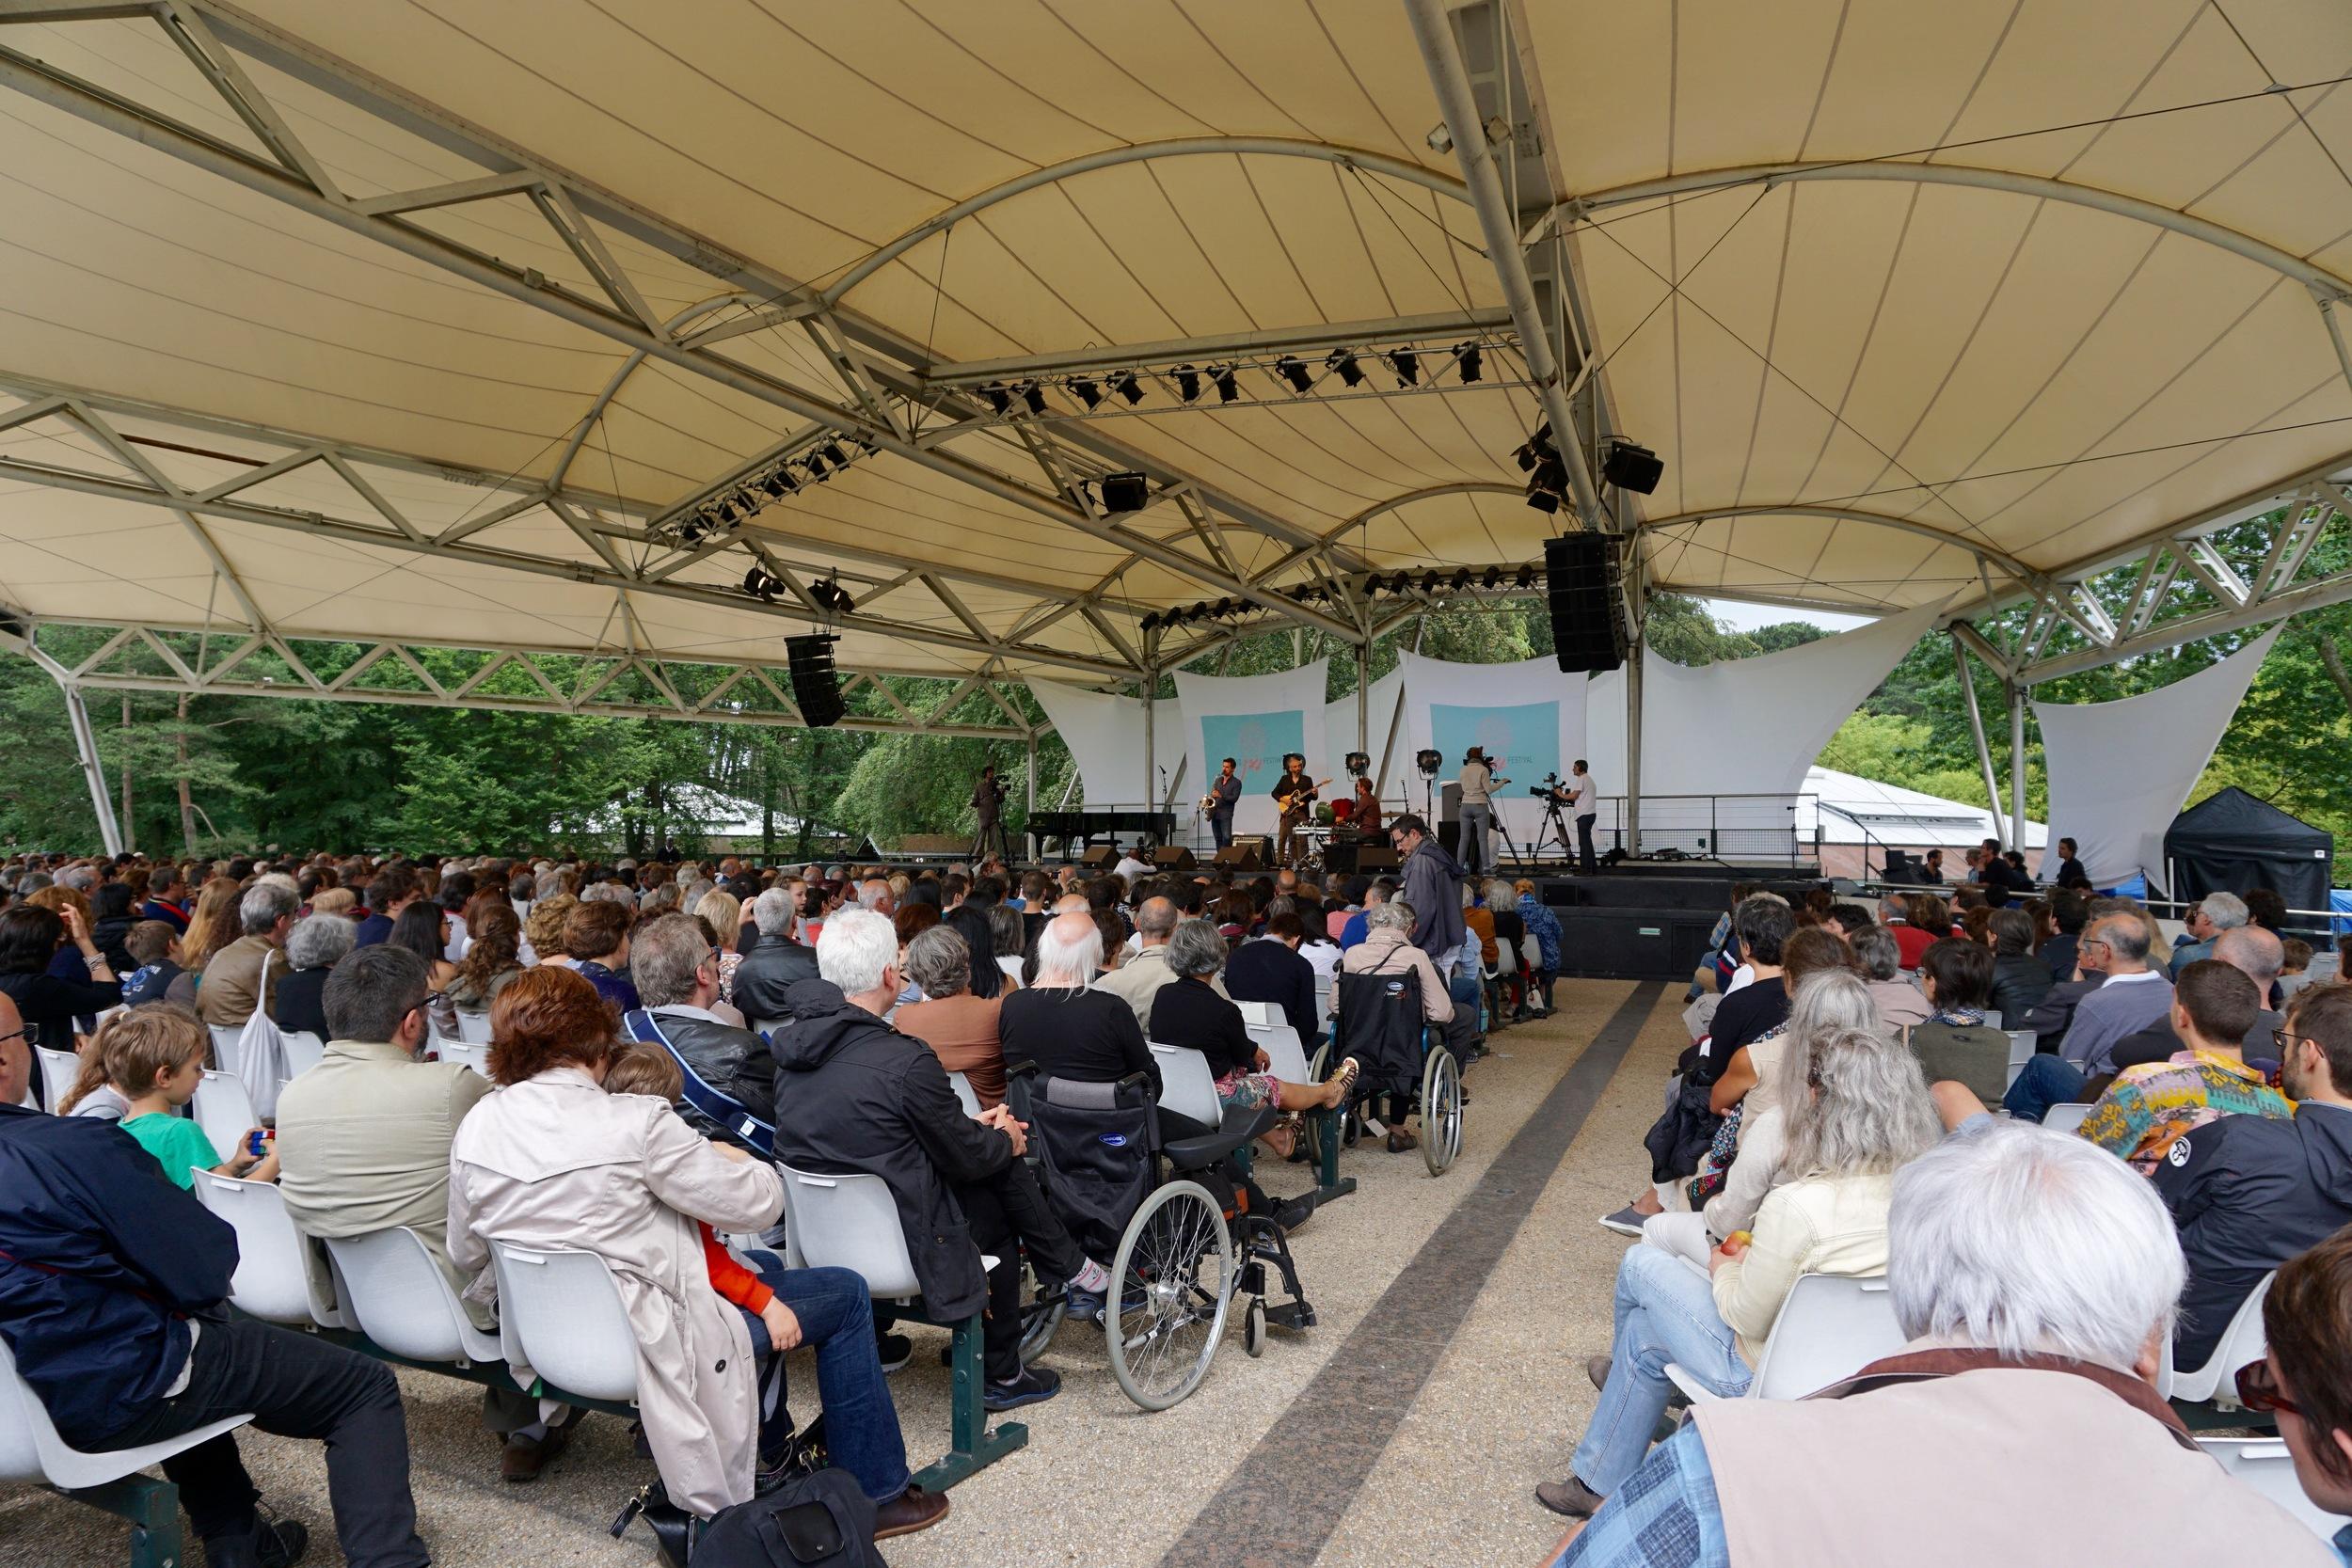 Sylvian Rifflet performs in Parc Floral de Paris.